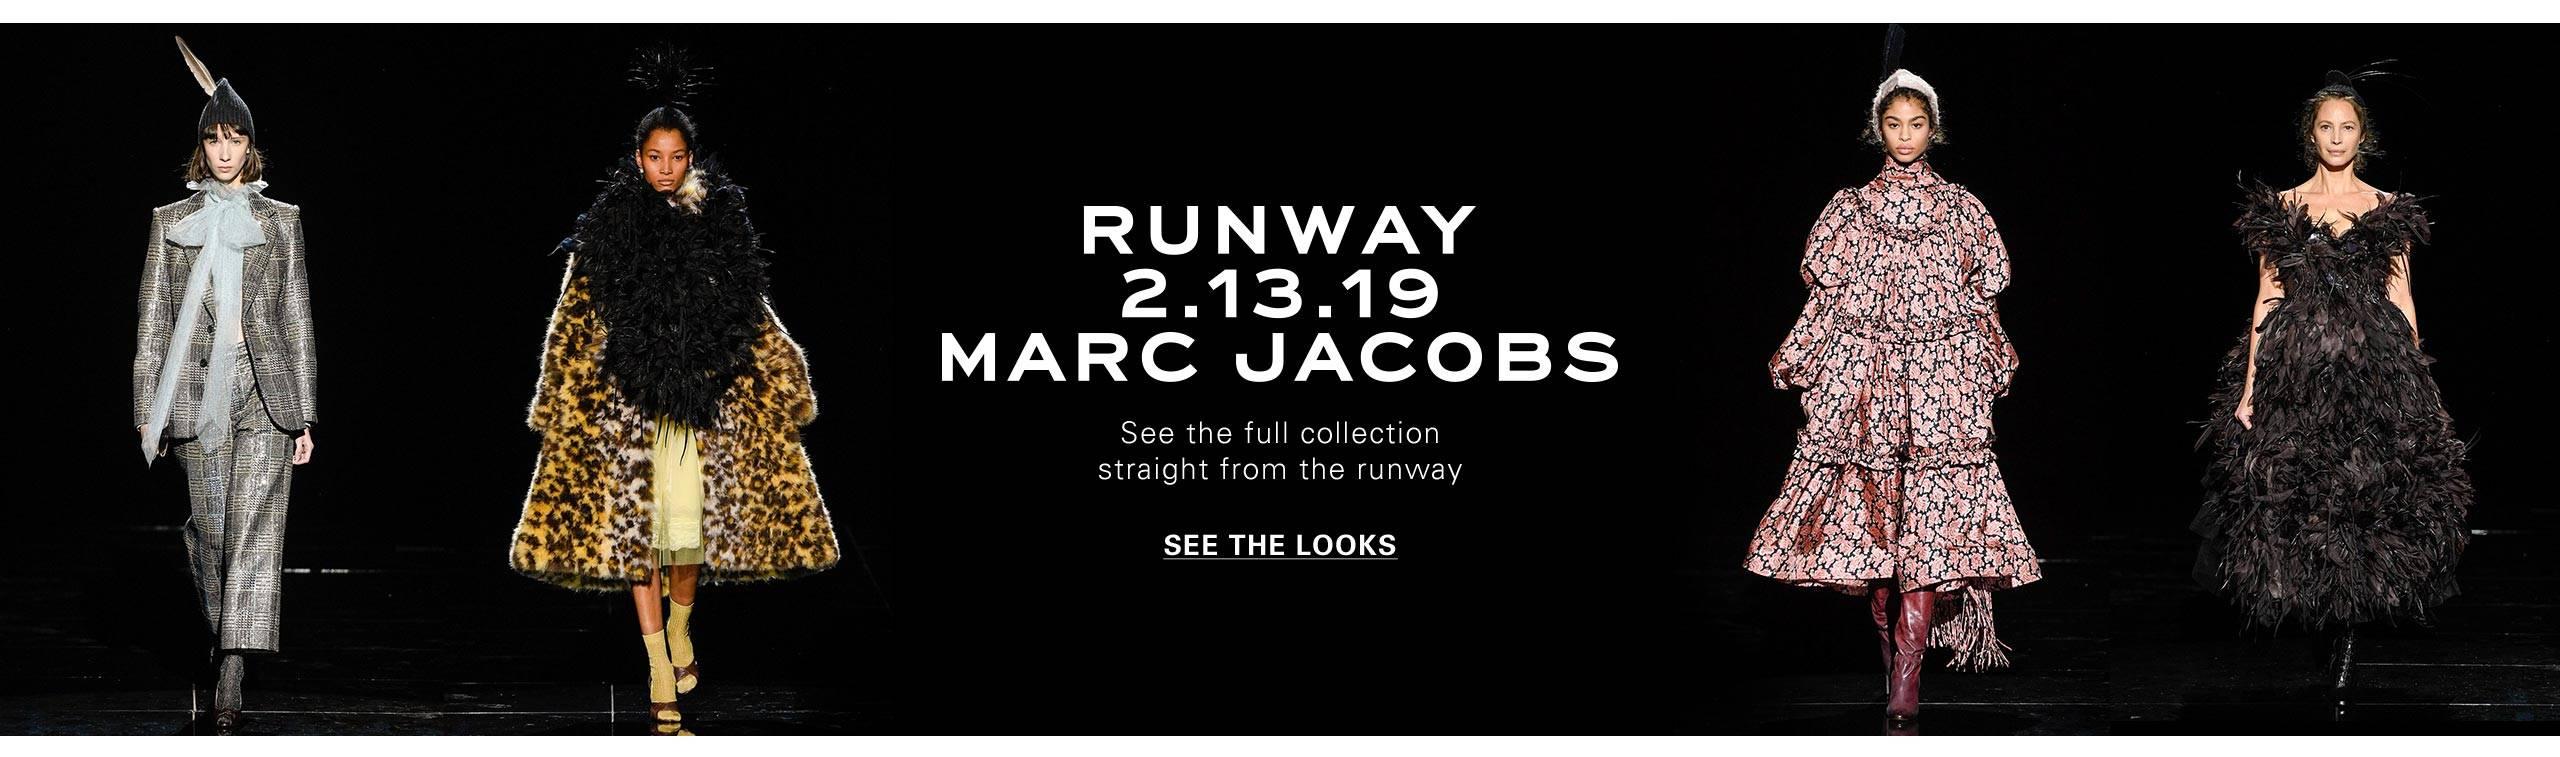 Marc Jacobs - Runway 2.13.2019 41f2c48d5522